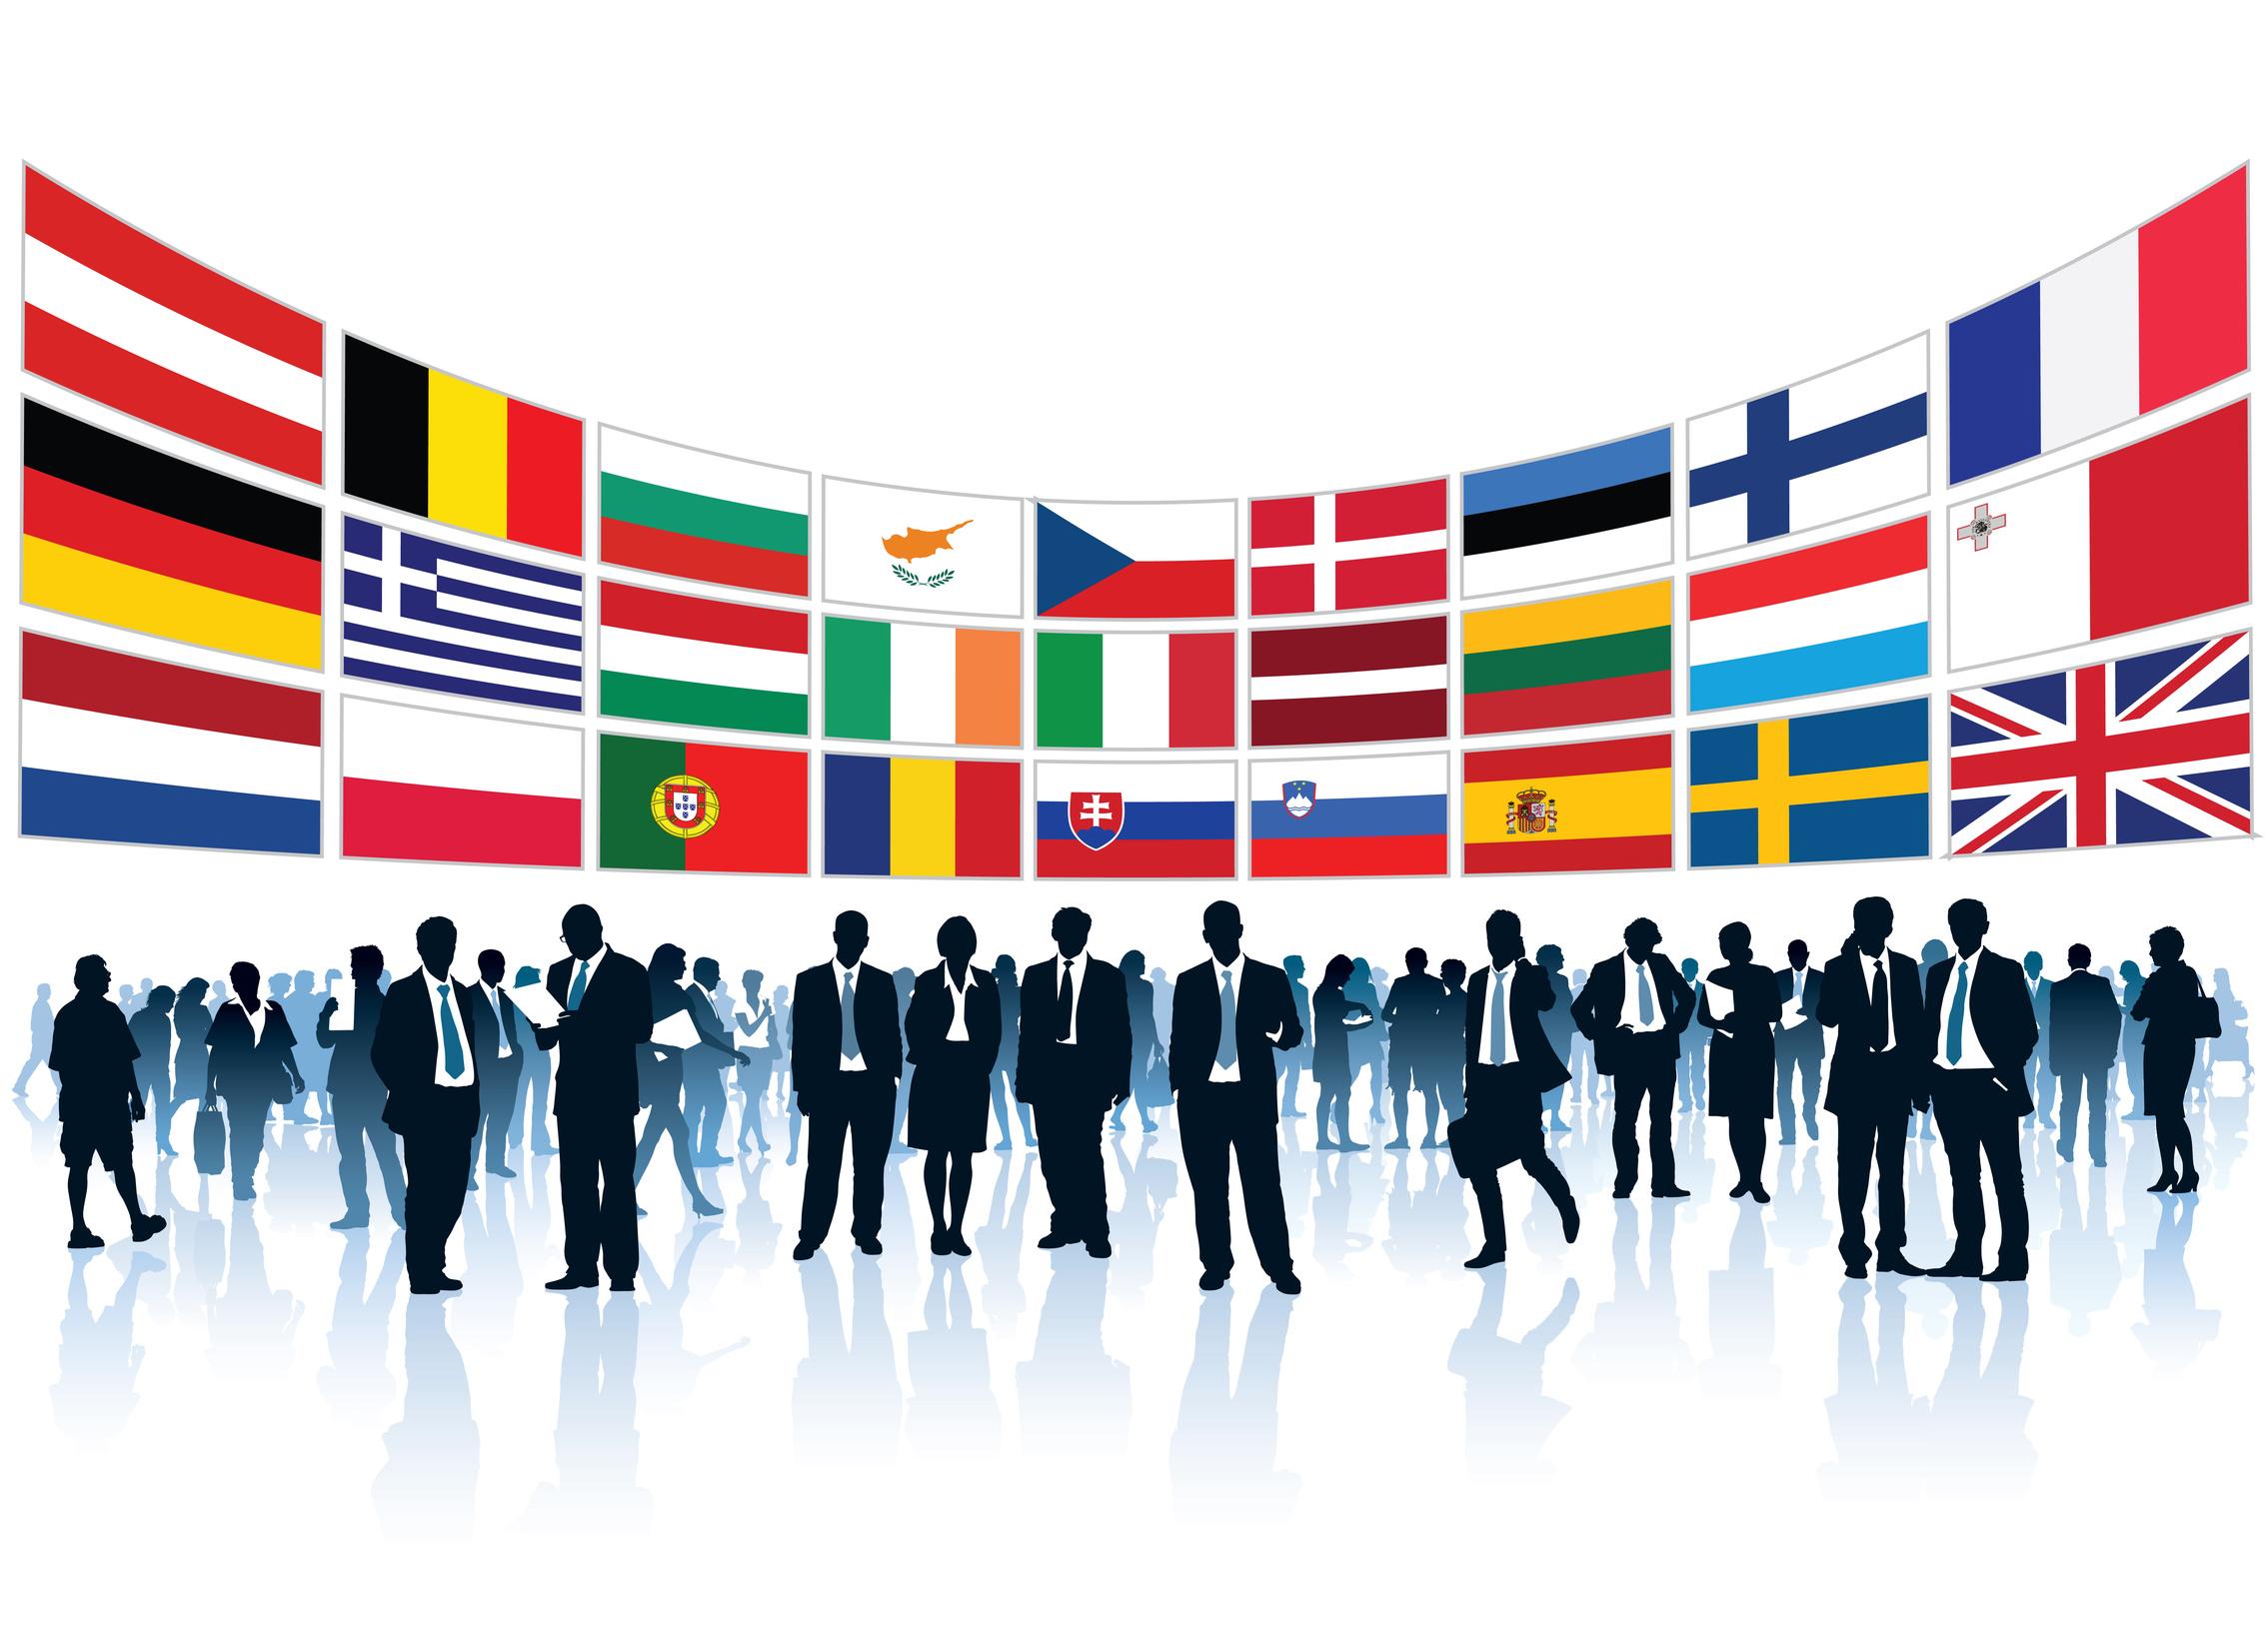 L'entreprise en Europe, acteur d'une économie sociale de marché